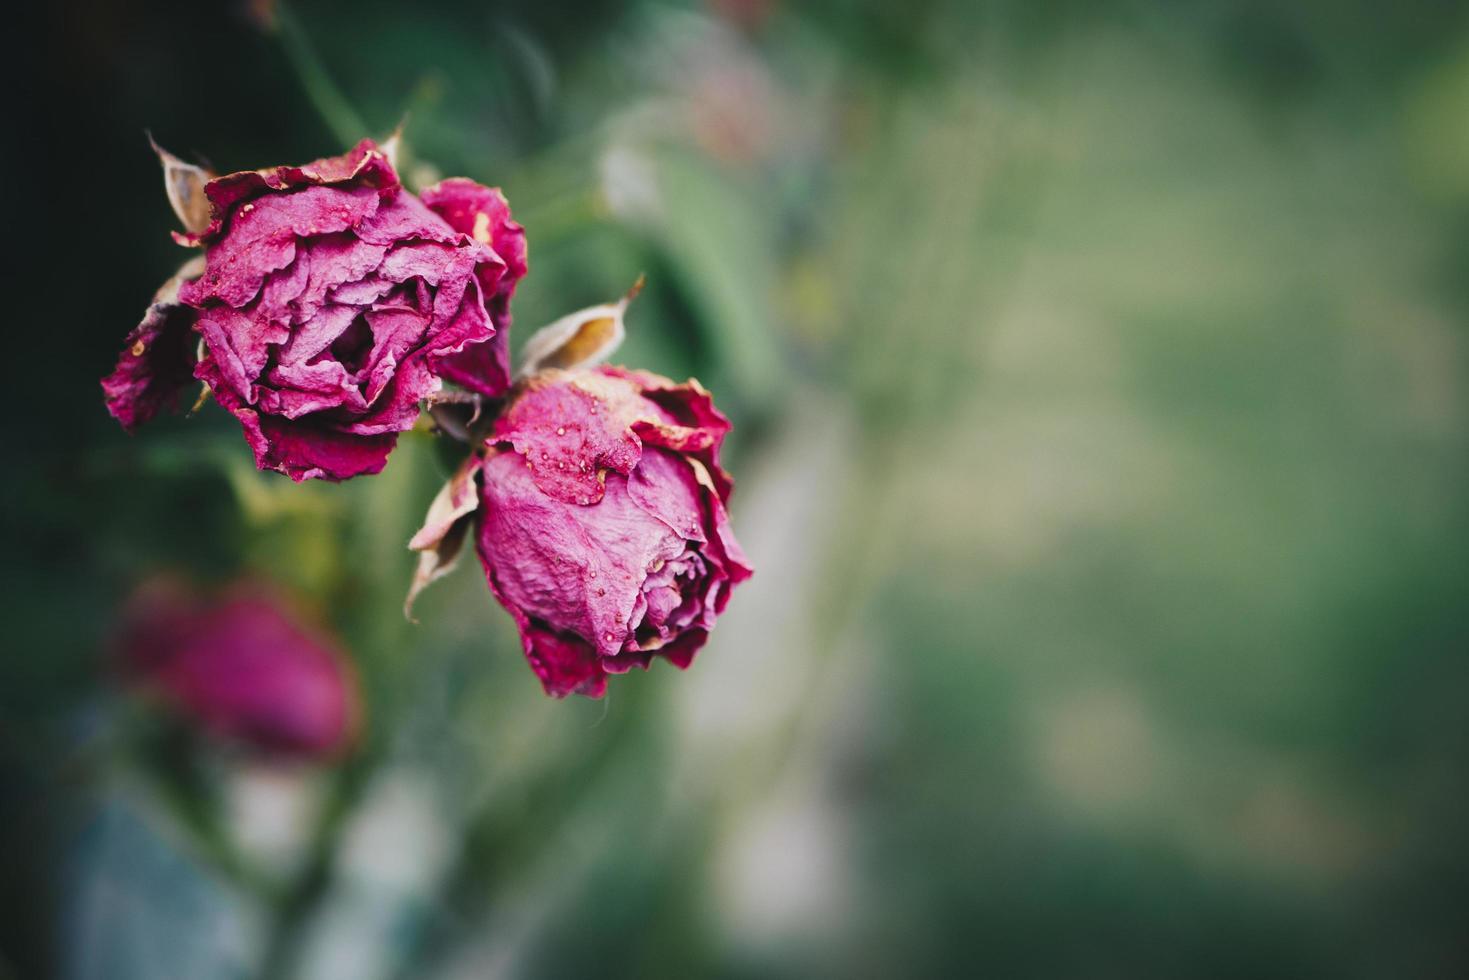 fleur pétale rose photo